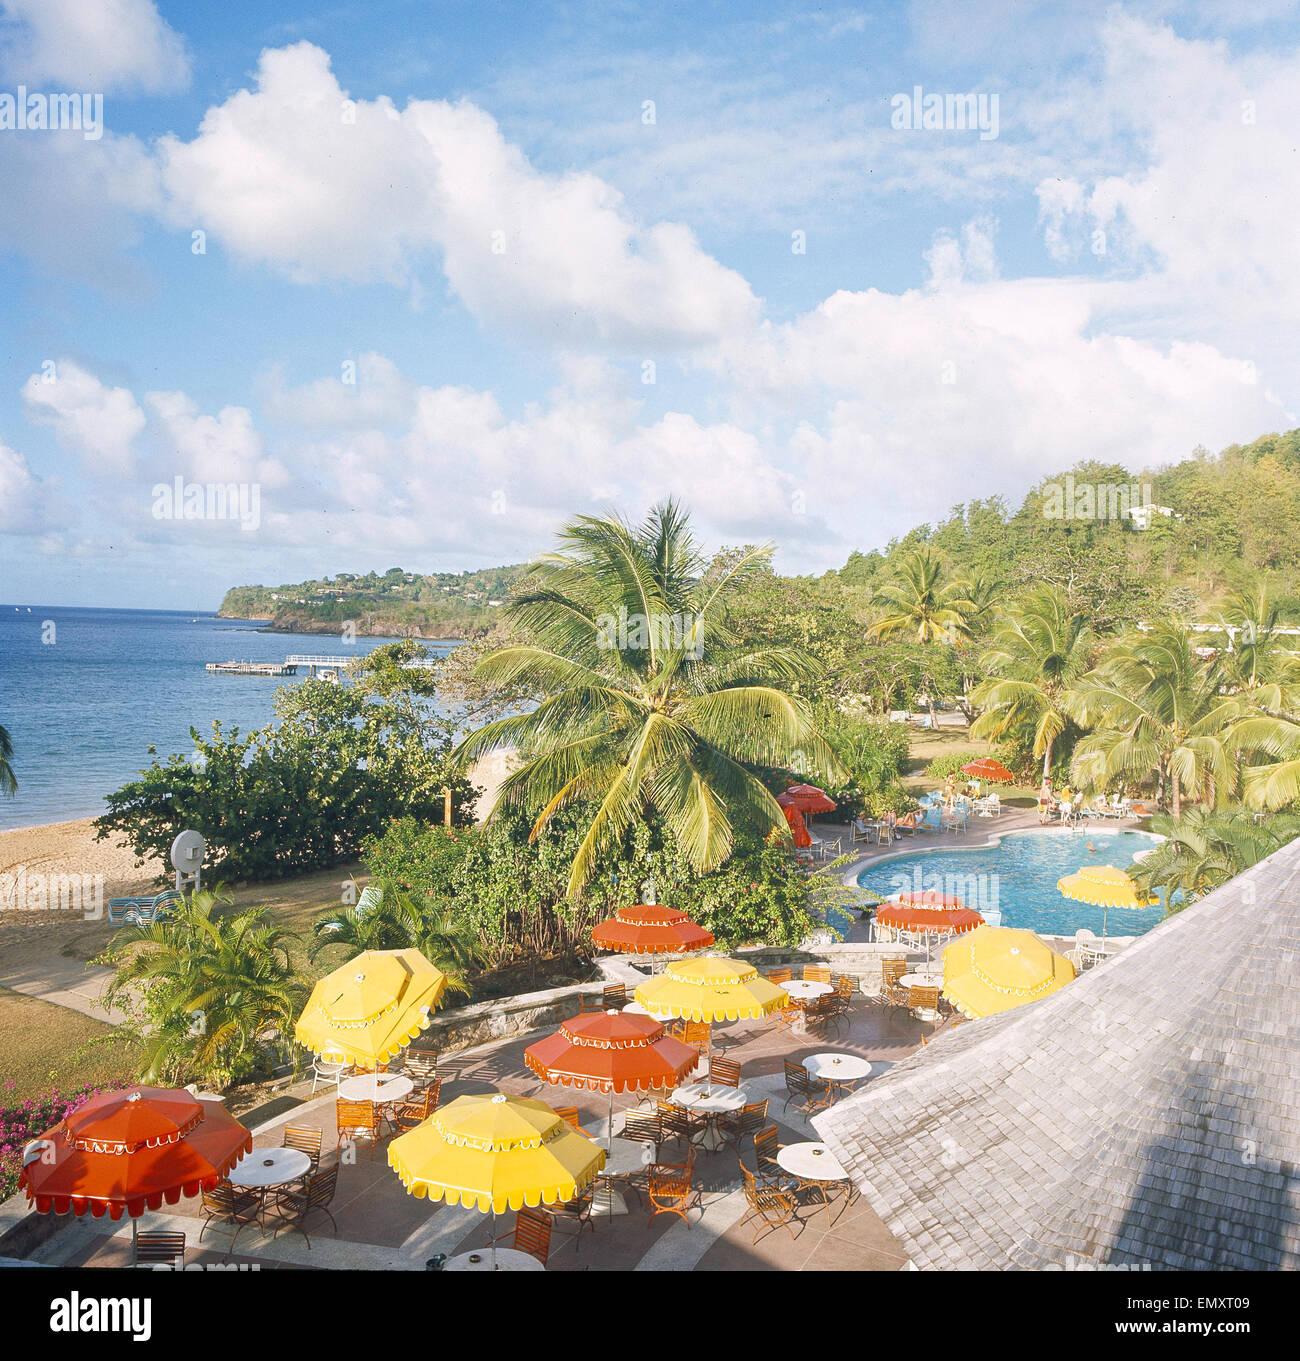 St.Lucia, La-Toc - Stock Image